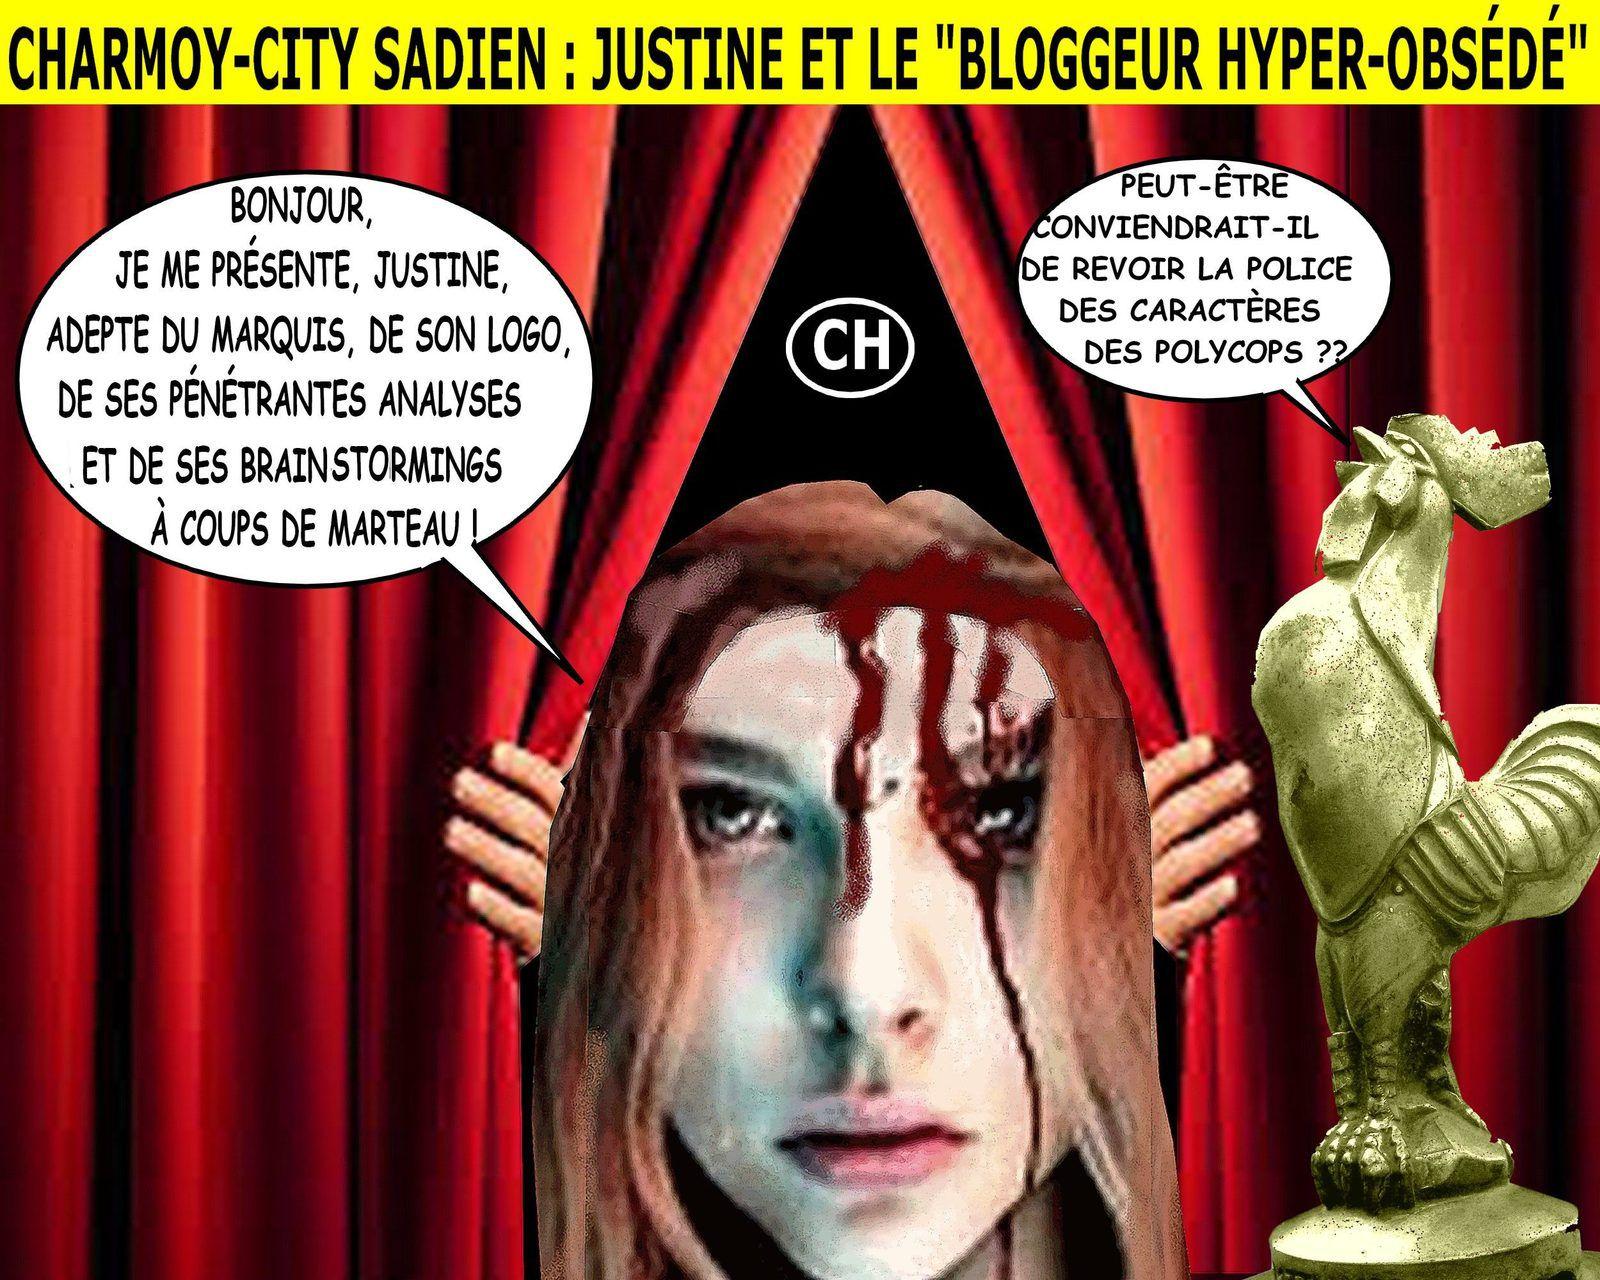 Charmoy-City, Justine et le bloggeur hyper-obsédé.jpg